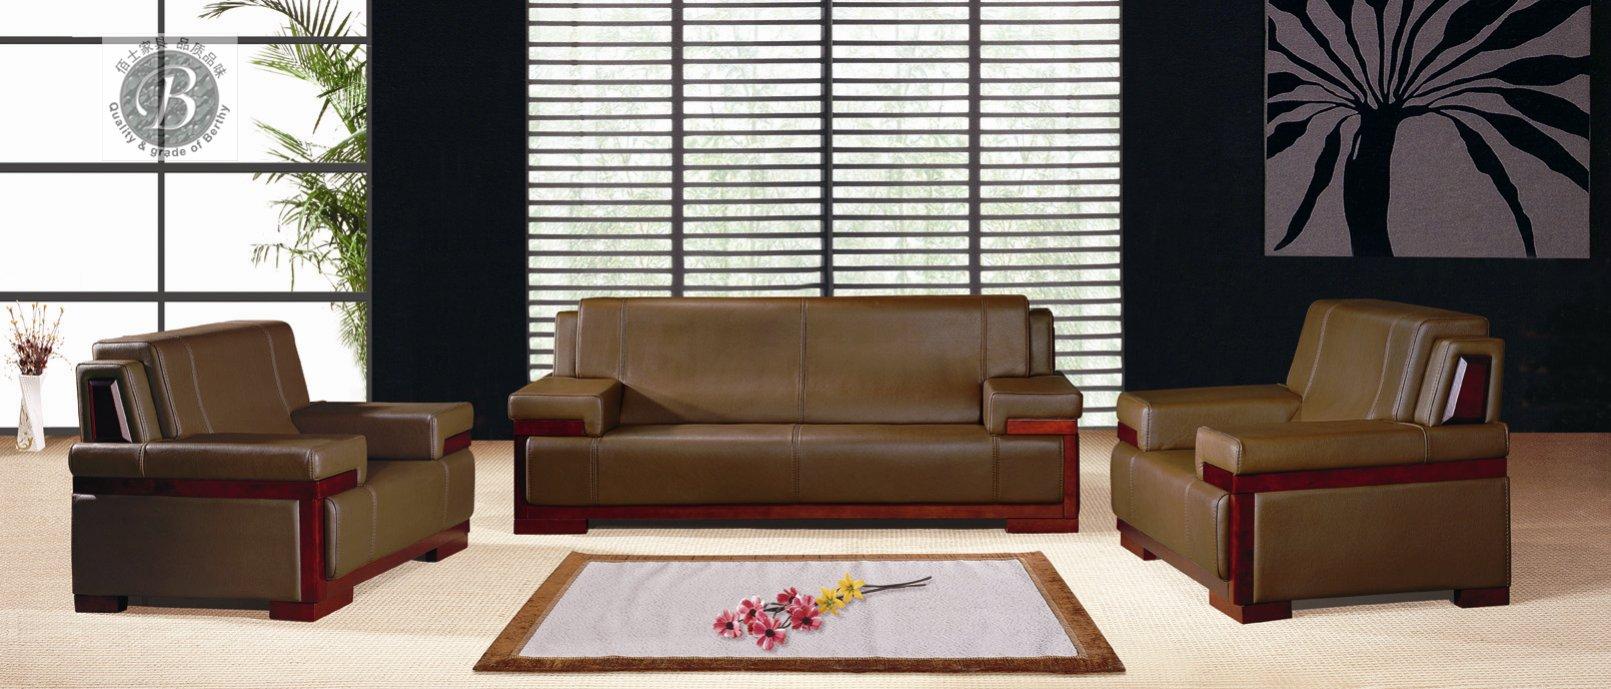 广州真皮办公沙发厂家定做图片